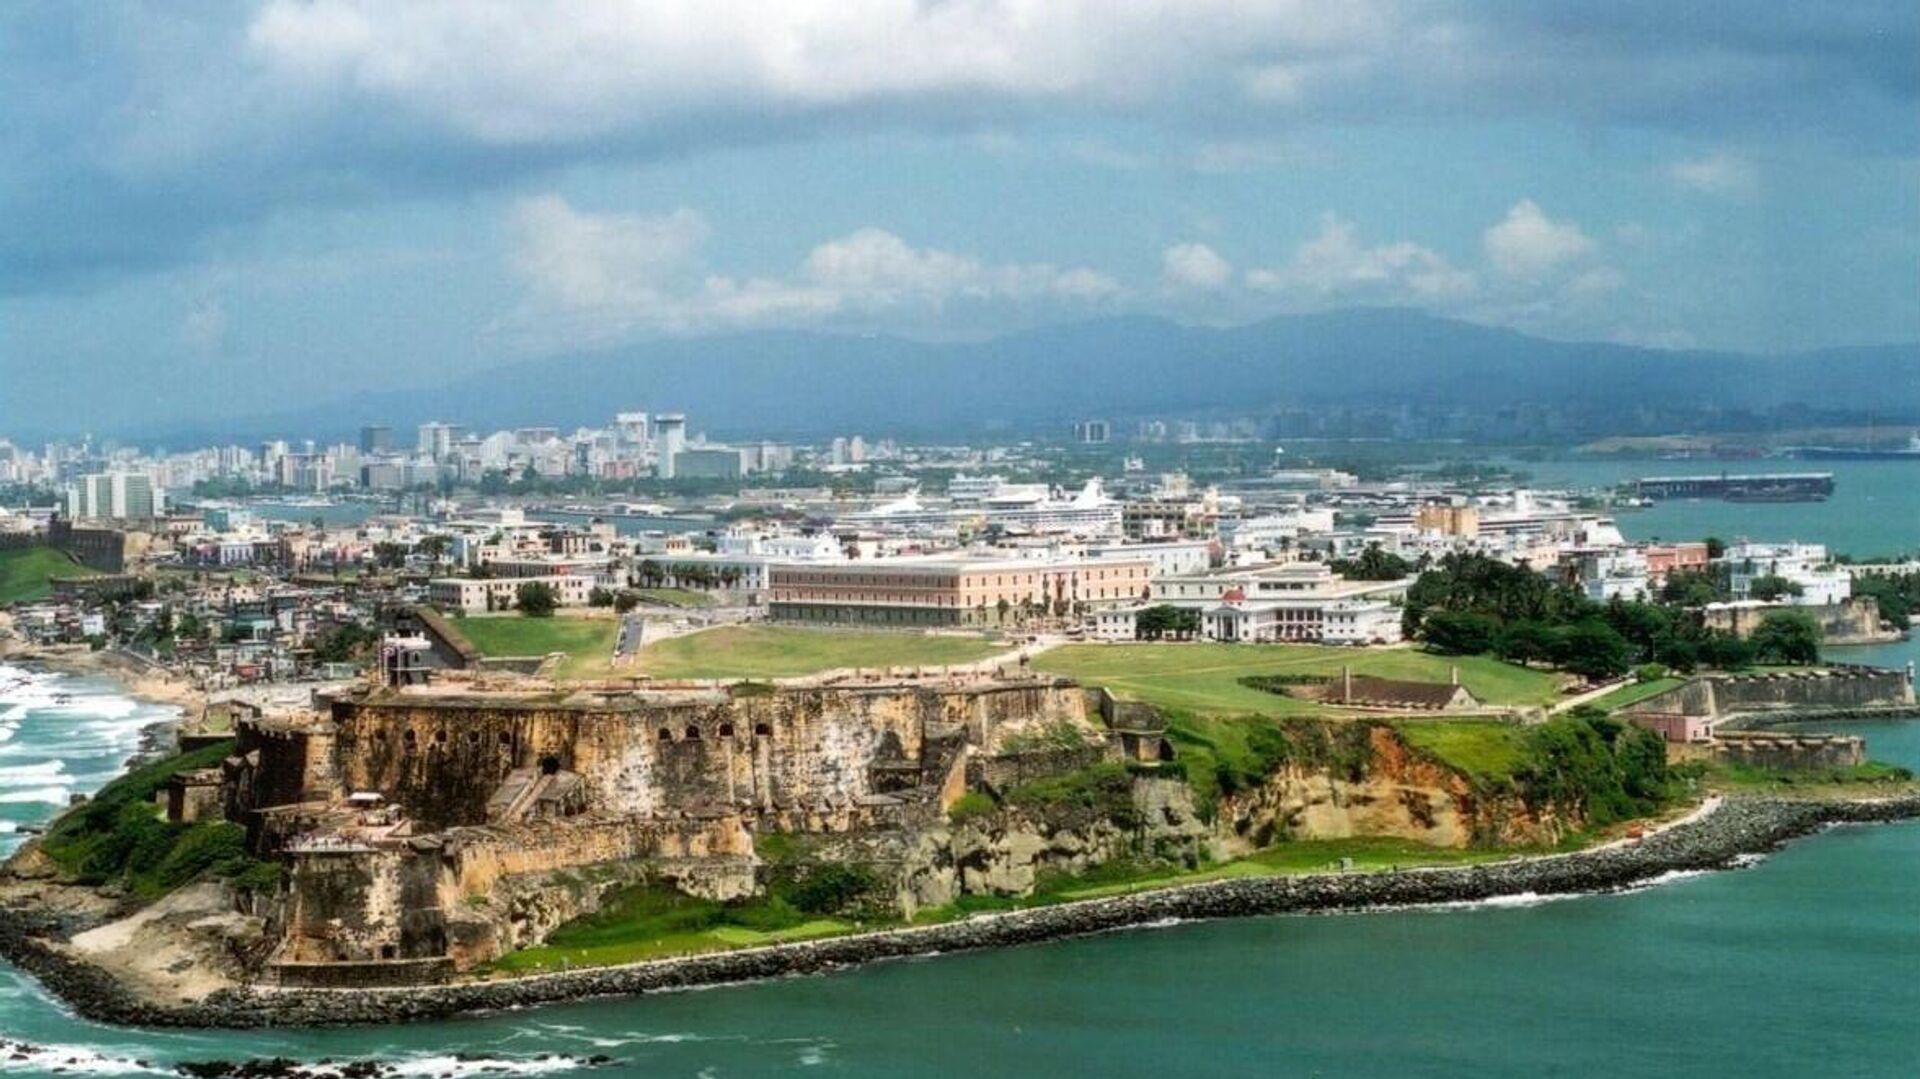 Вид на город Сан-Хуан с воздуха, Пуэрто-Рико - РИА Новости, 1920, 04.11.2020